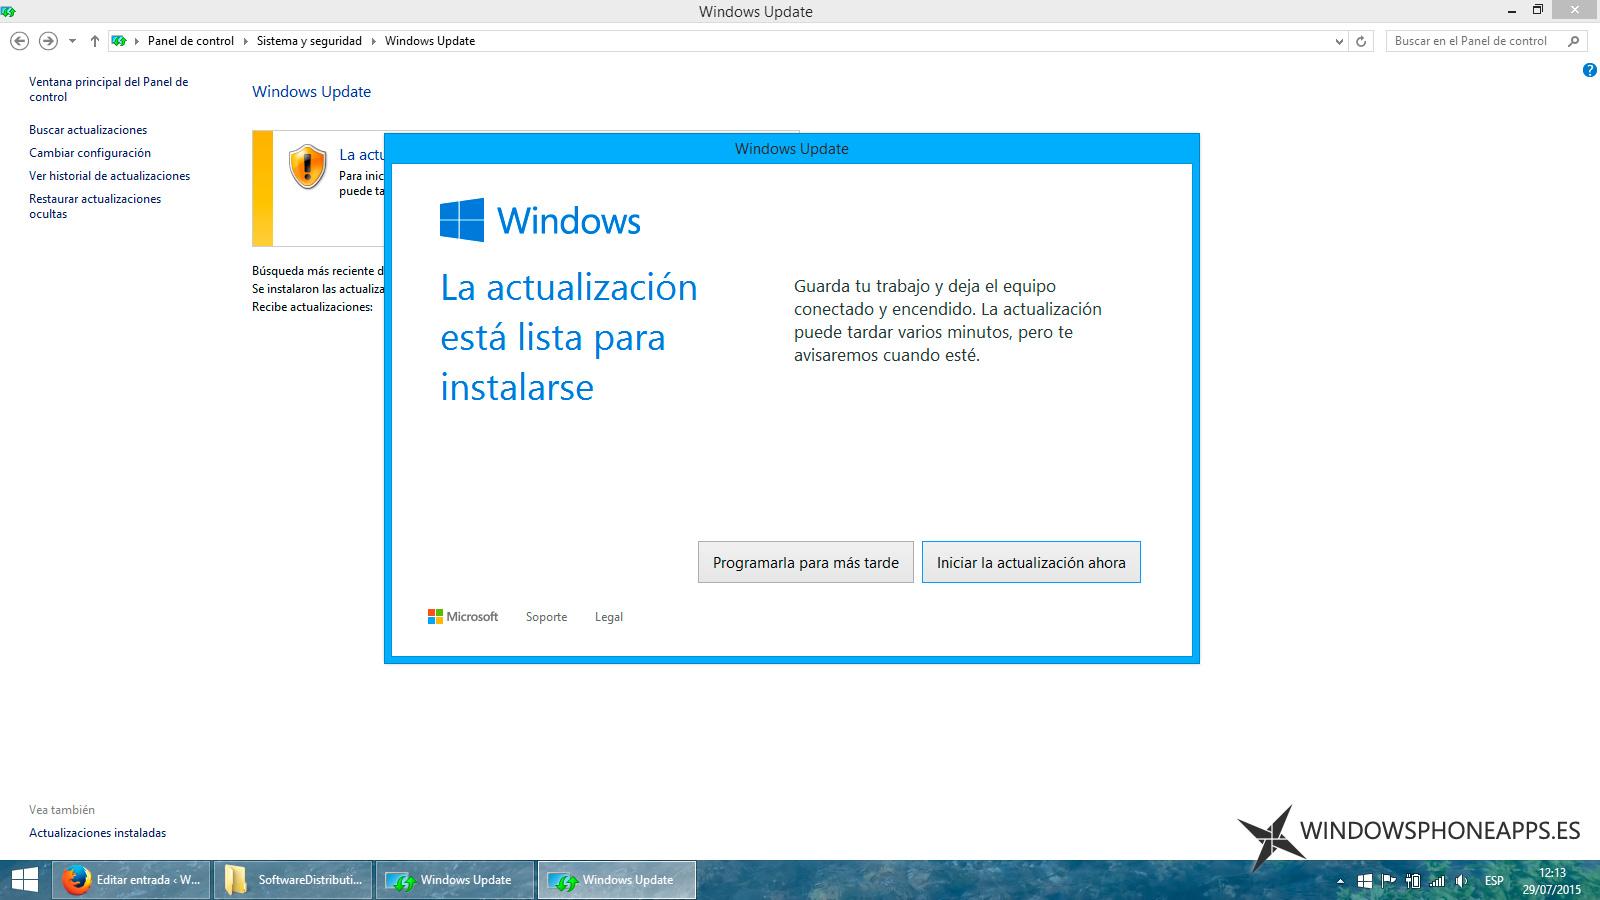 Si no puedes actualizar a Windows 10, te damos algunas soluciones